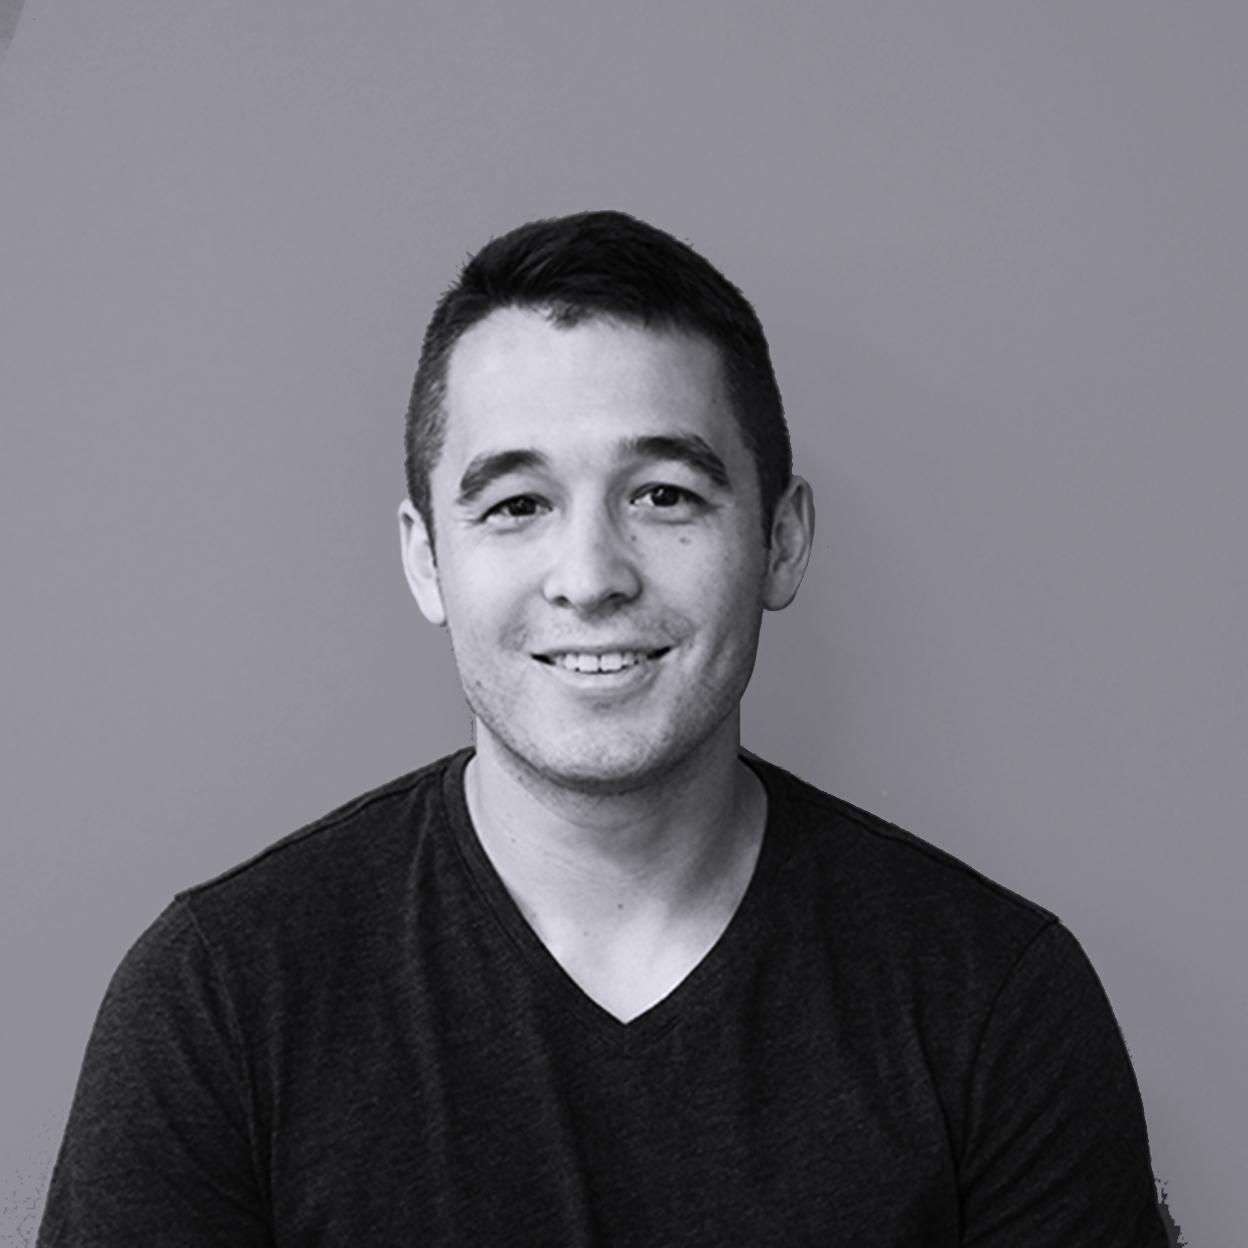 Ryan Chacon